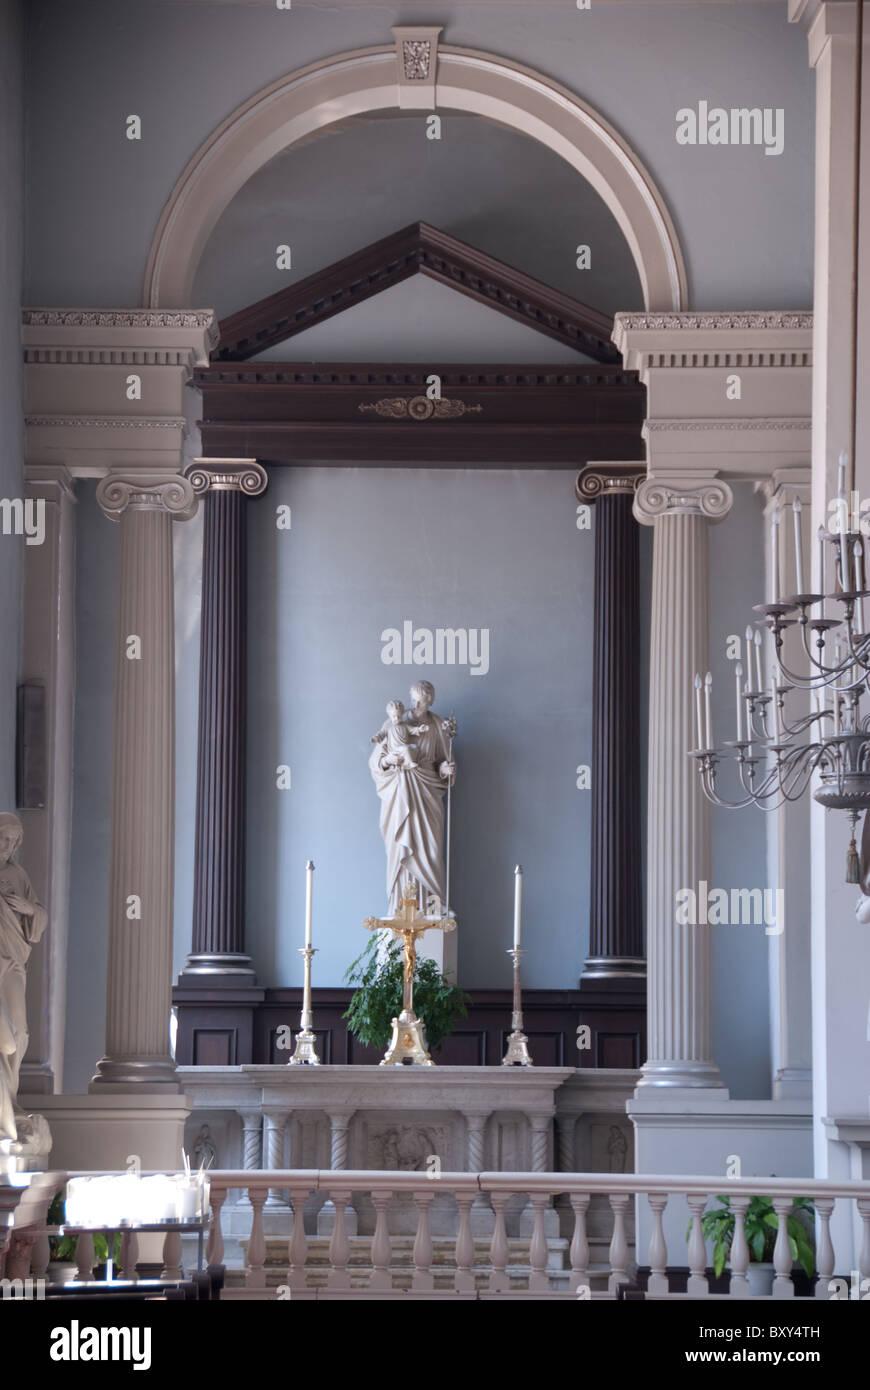 Vecchia Cattedrale_Basilica di Saint Louis, il Re di Francia; Arte Religiosa Immagini Stock